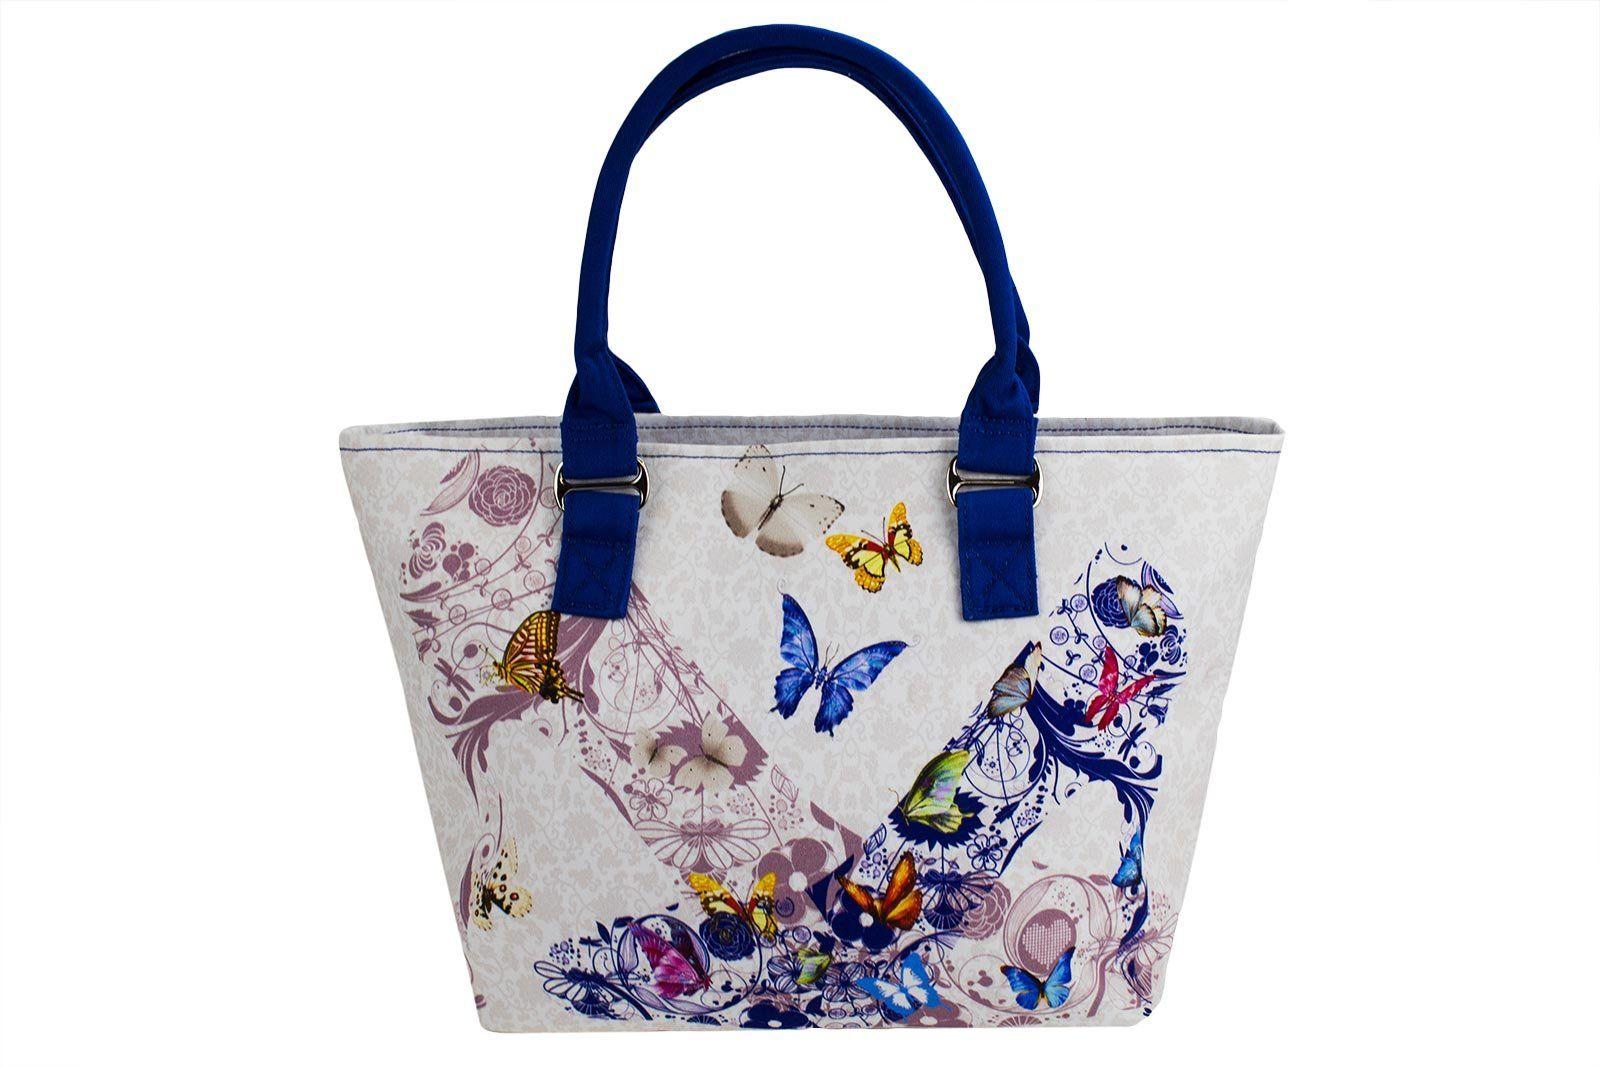 7fddd4397e6d Пляжные сумки: купить сумку на пляж в Украине - ГалантиЯ